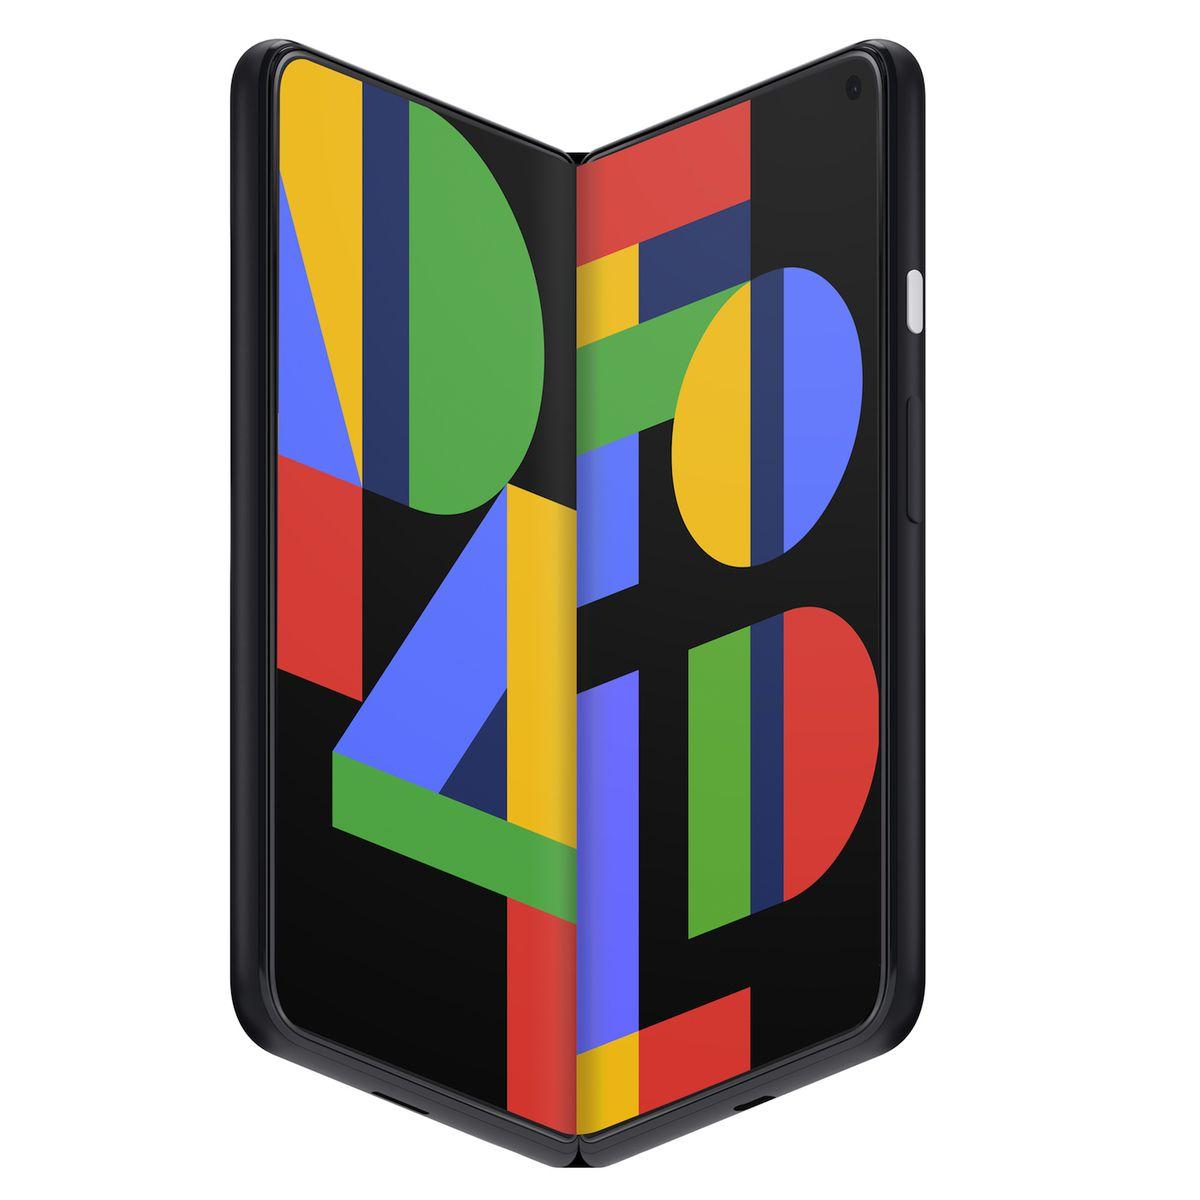 अक्टूबर में लॉन्च हो सकता है Google Pixel फोल्डेबल फोन, सैमसंग के सामने होगी बड़ी चुनौती